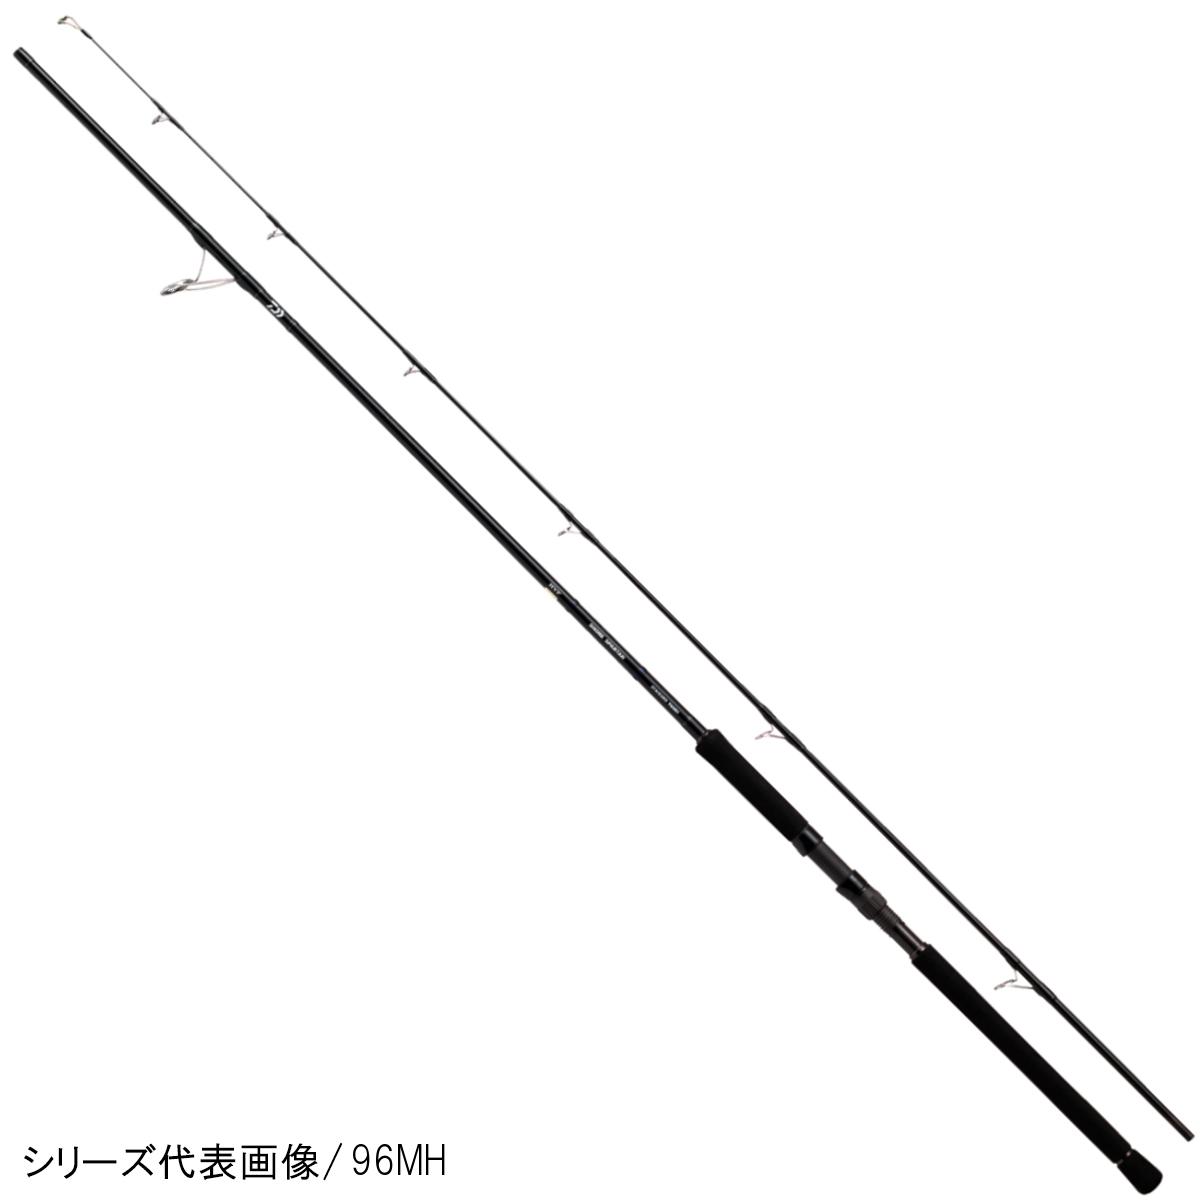 スタンダード ショアスパルタン ダイワ 96M【大型商品】(東日本店)